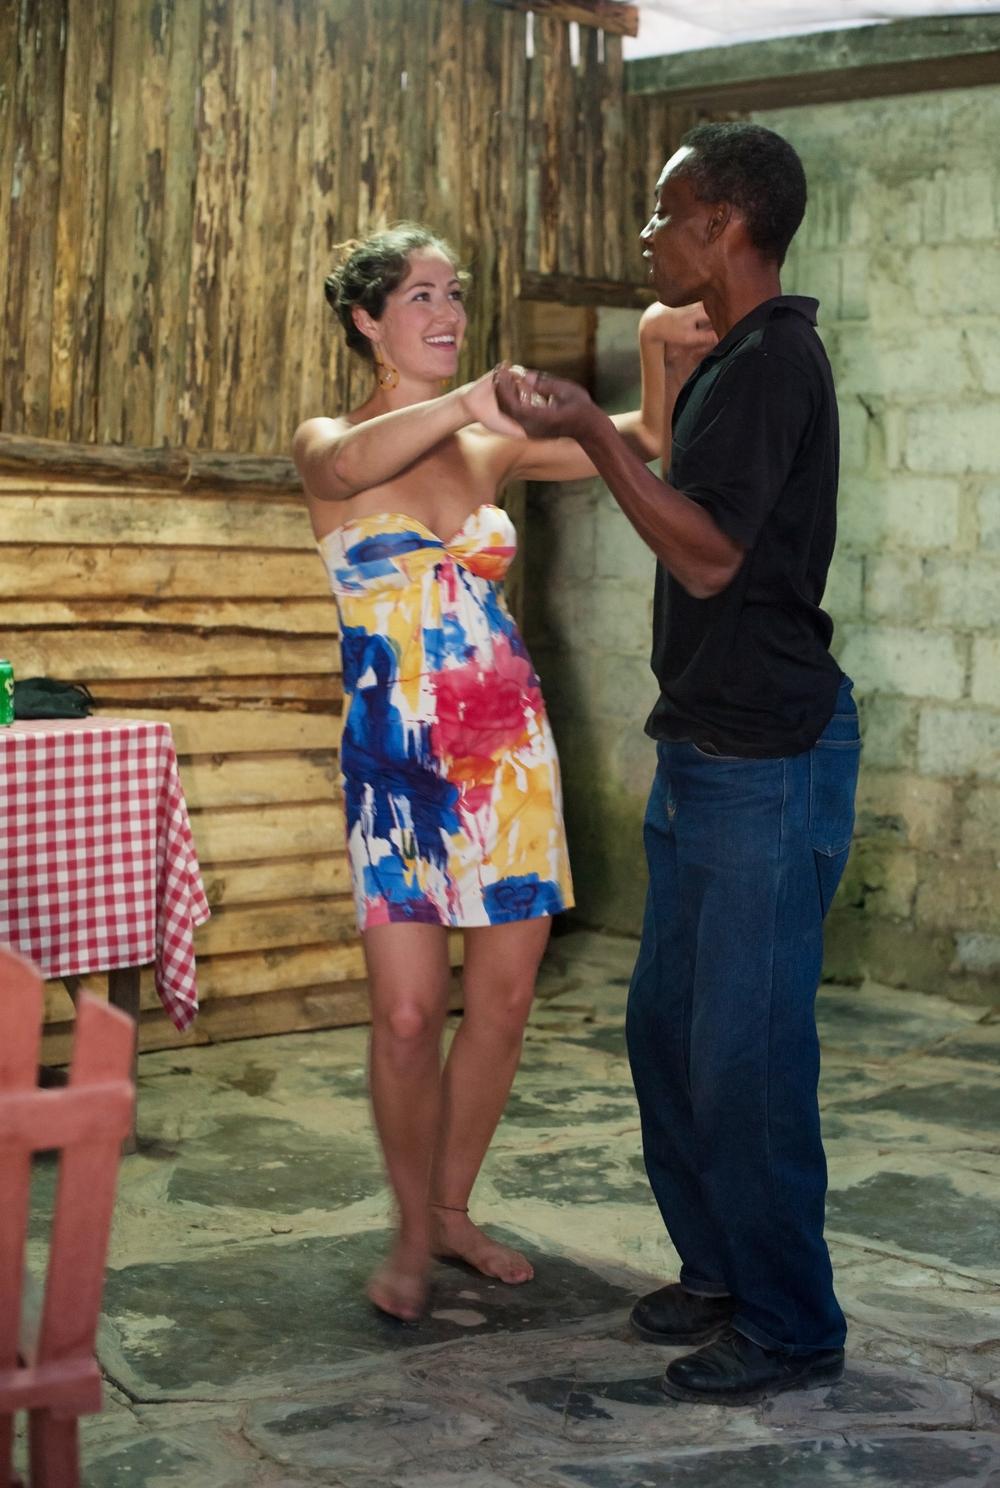 More country dancing in Cuba